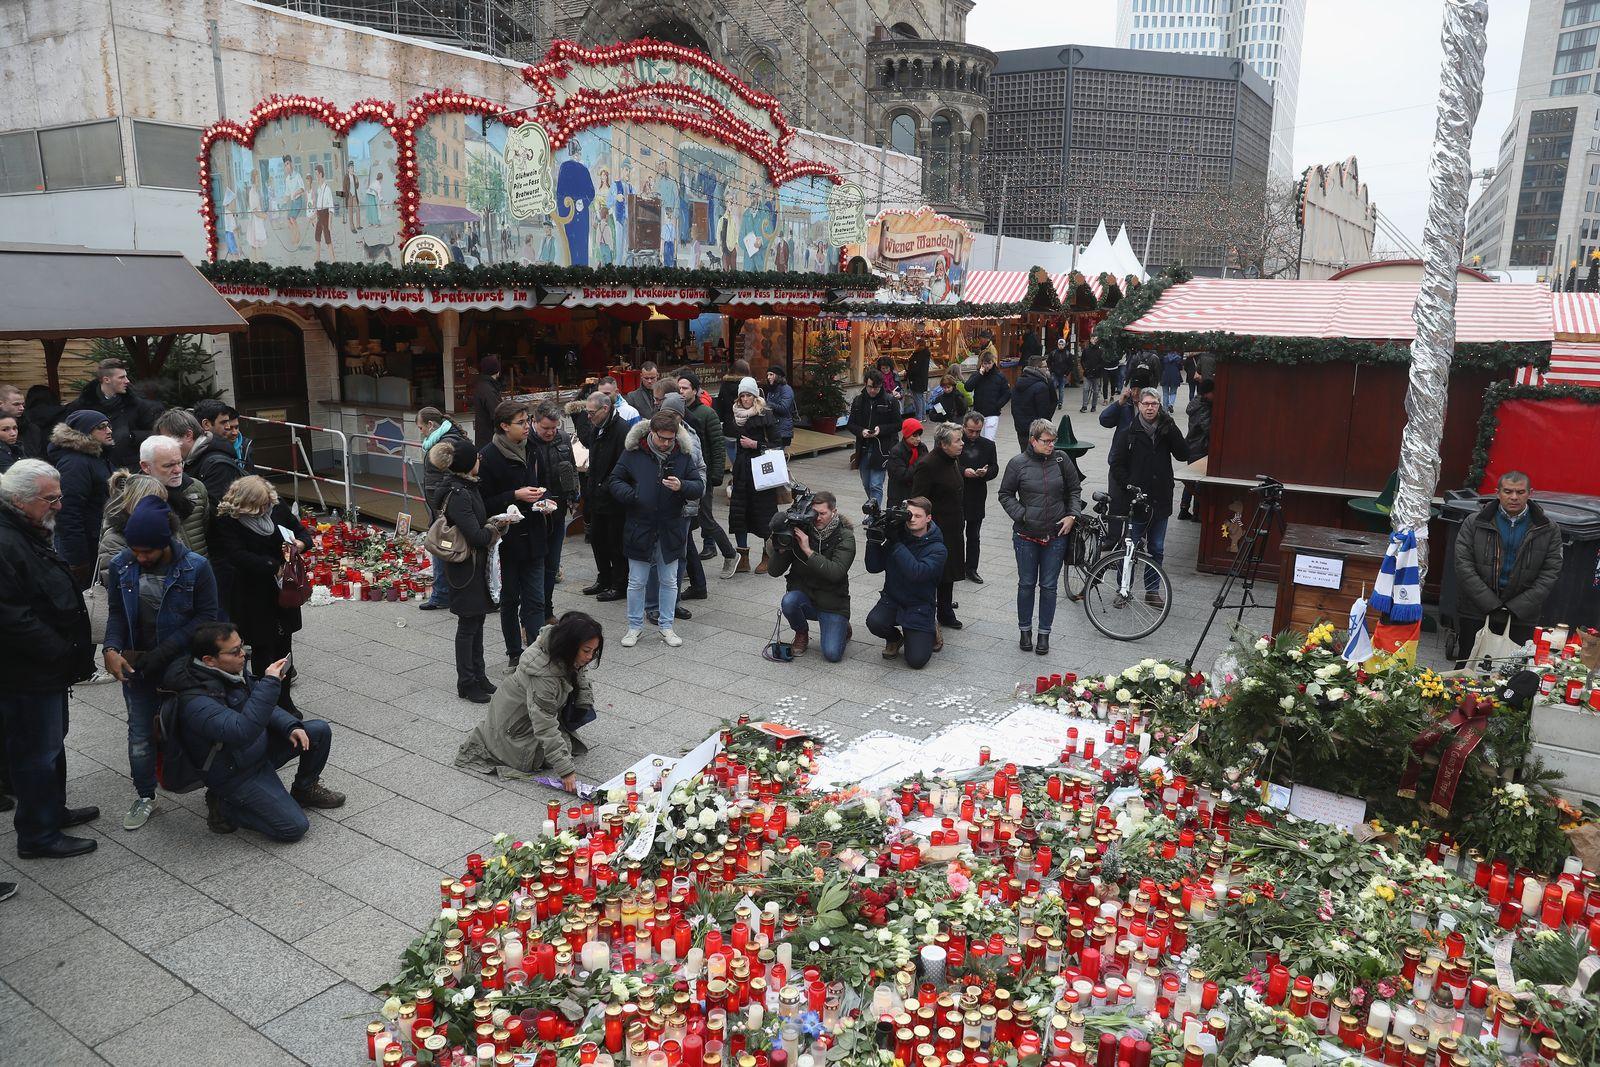 Breidscheidplatz / Weihnachtsmarkt